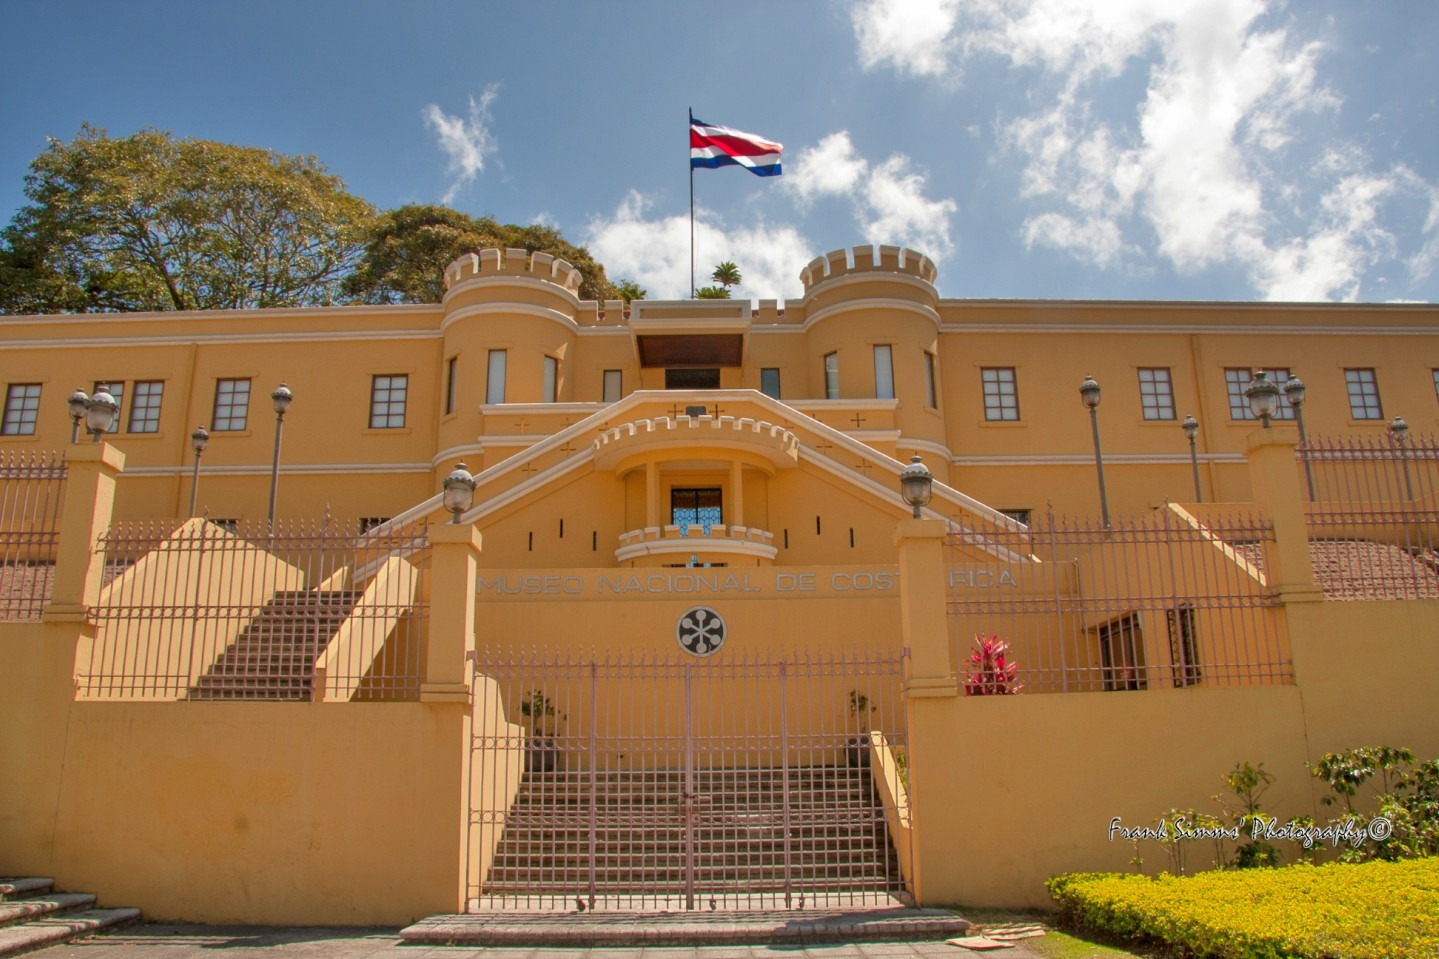 Costa Rica Muesum